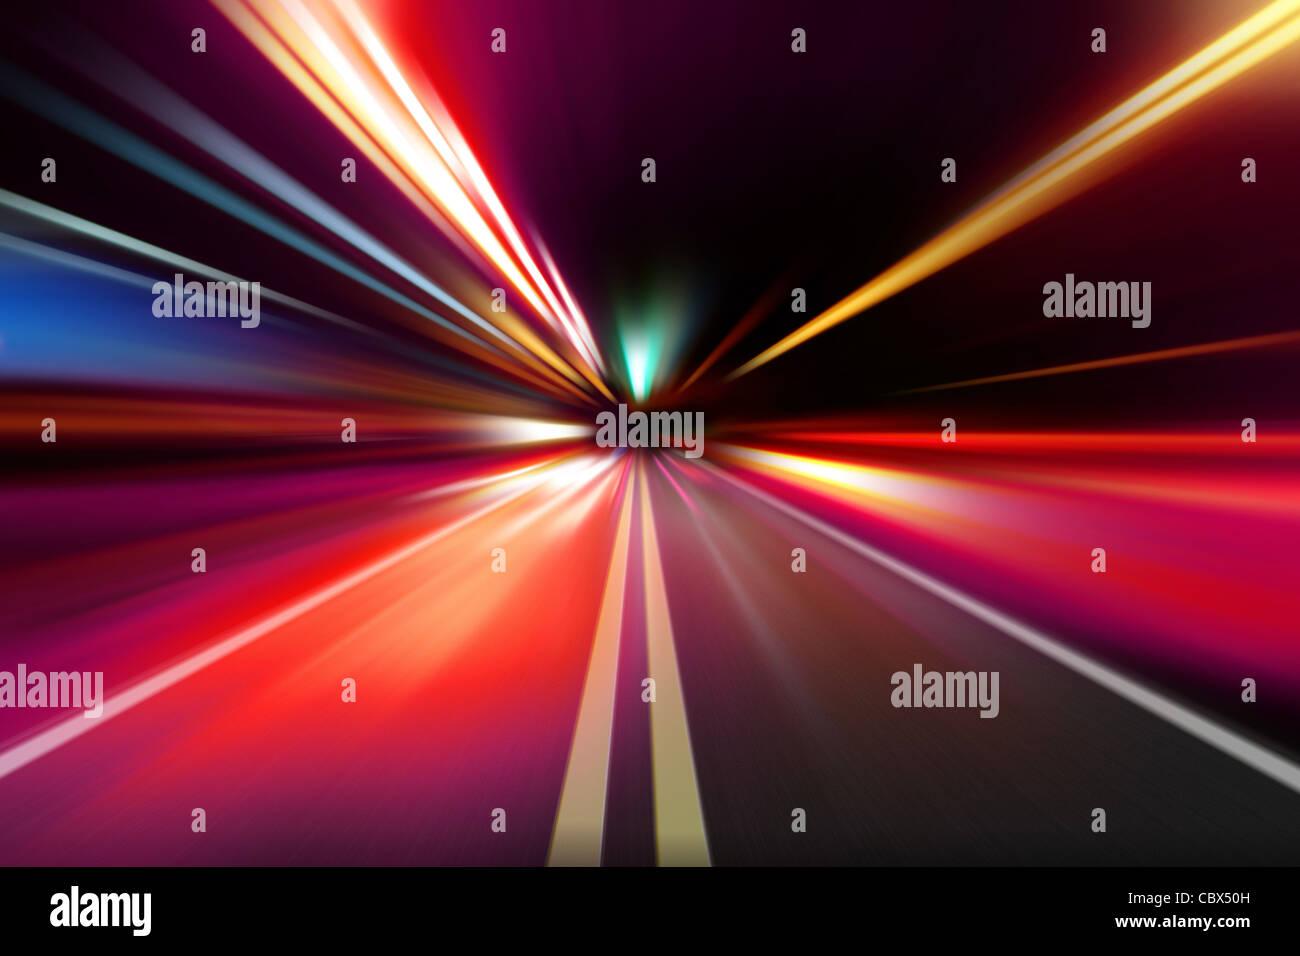 Velocidad de aceleración de noche abstracta motion Imagen De Stock